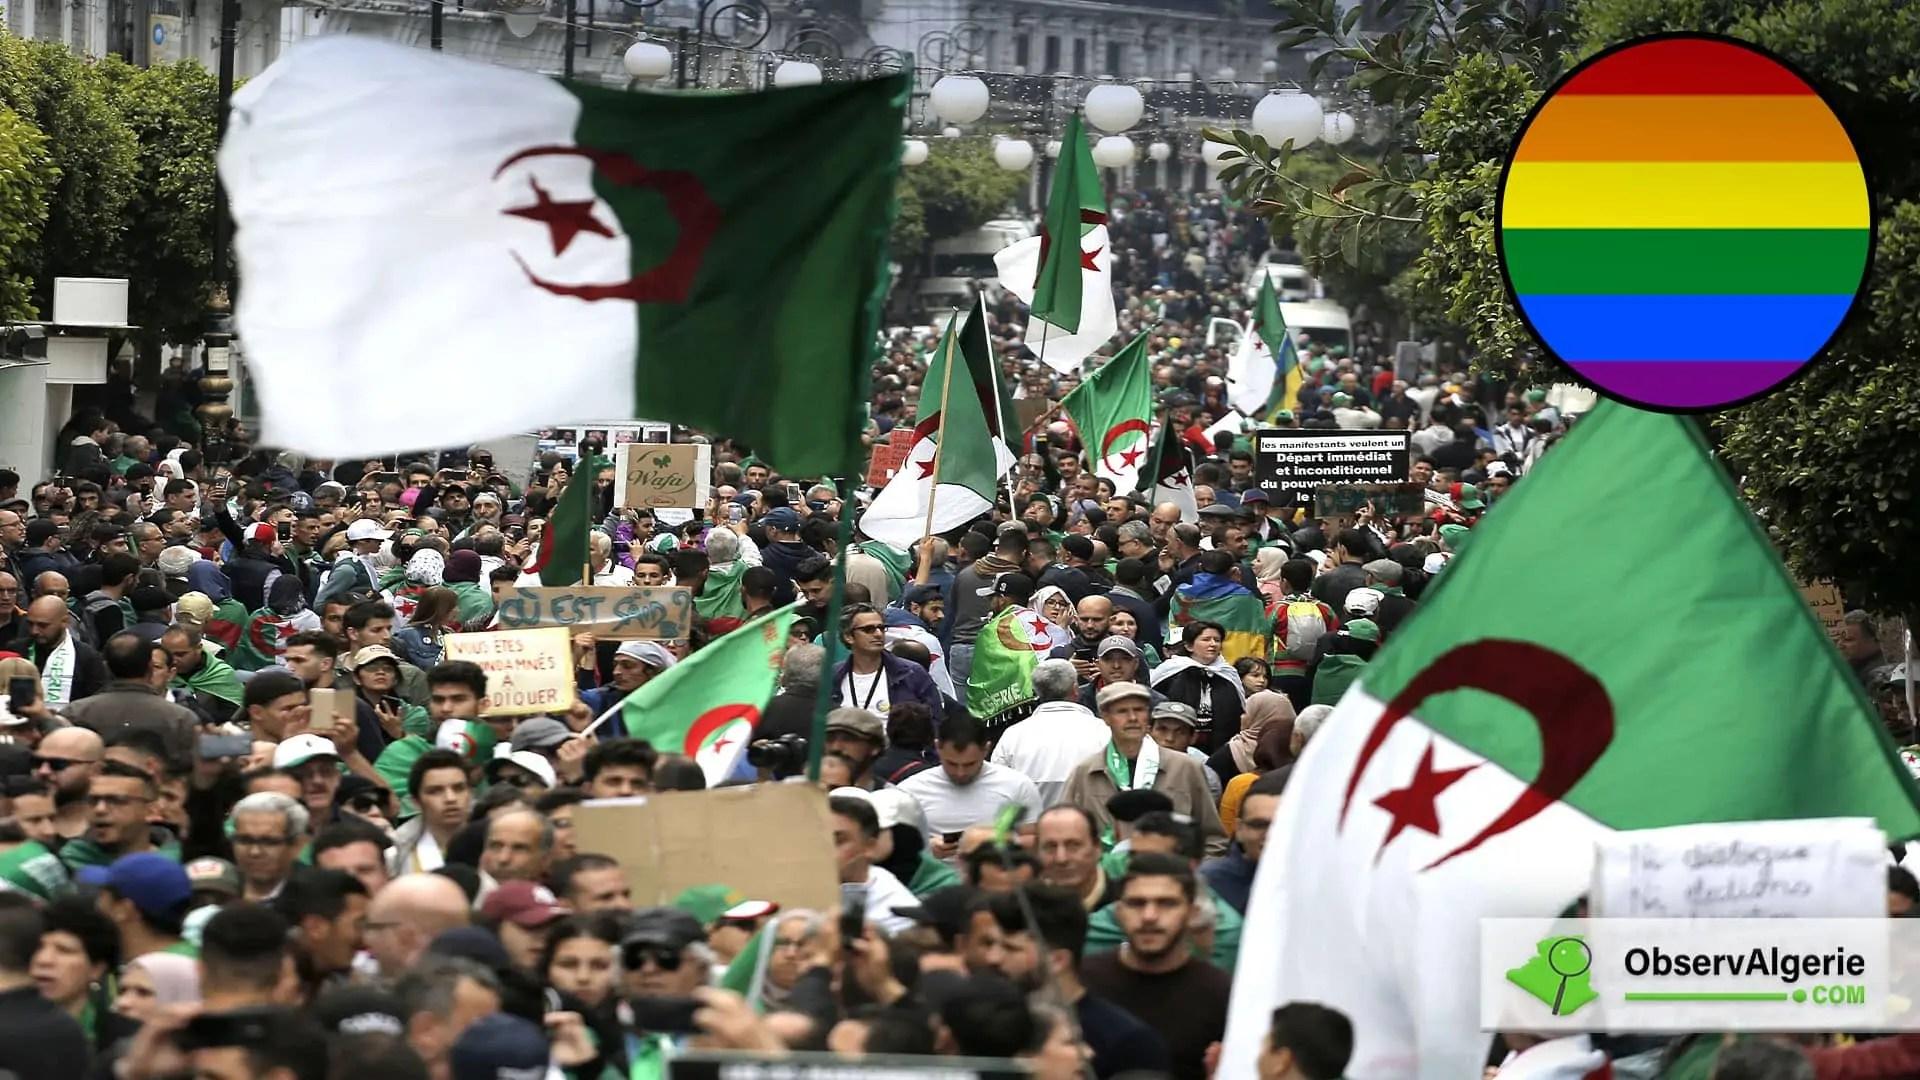 Algérie : Des homosexuels défileront lors de la marche d'Alger selon un journal français